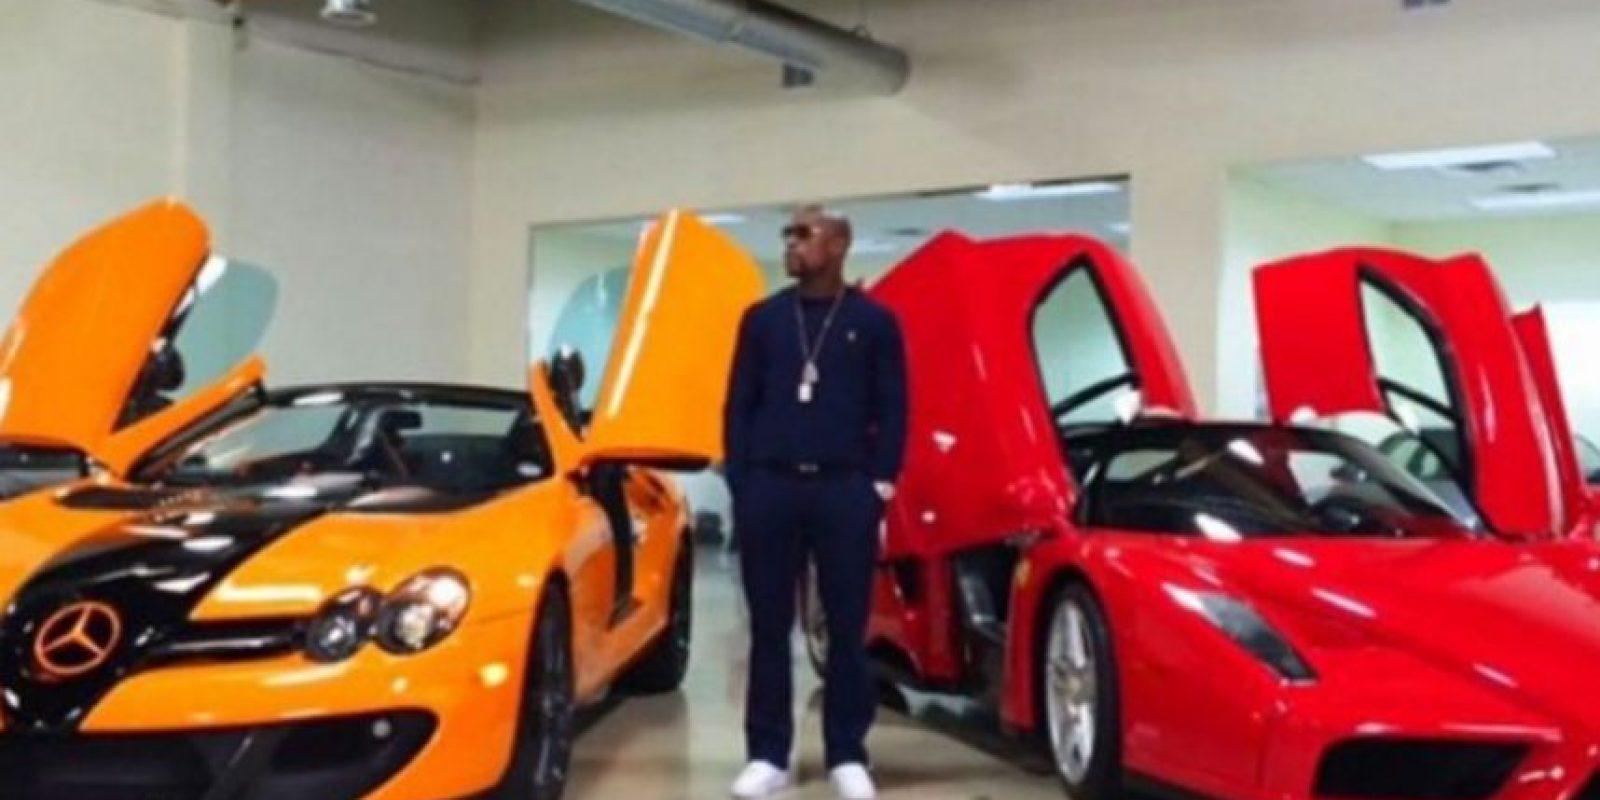 Tiene una exclusiva flota de automóviles, que incluyen Buggati Veyron, Buggatti Gran Sport, dos Ferrari y un Lamborghini, entre otros. Foto:instagram.com/FloydMayweather